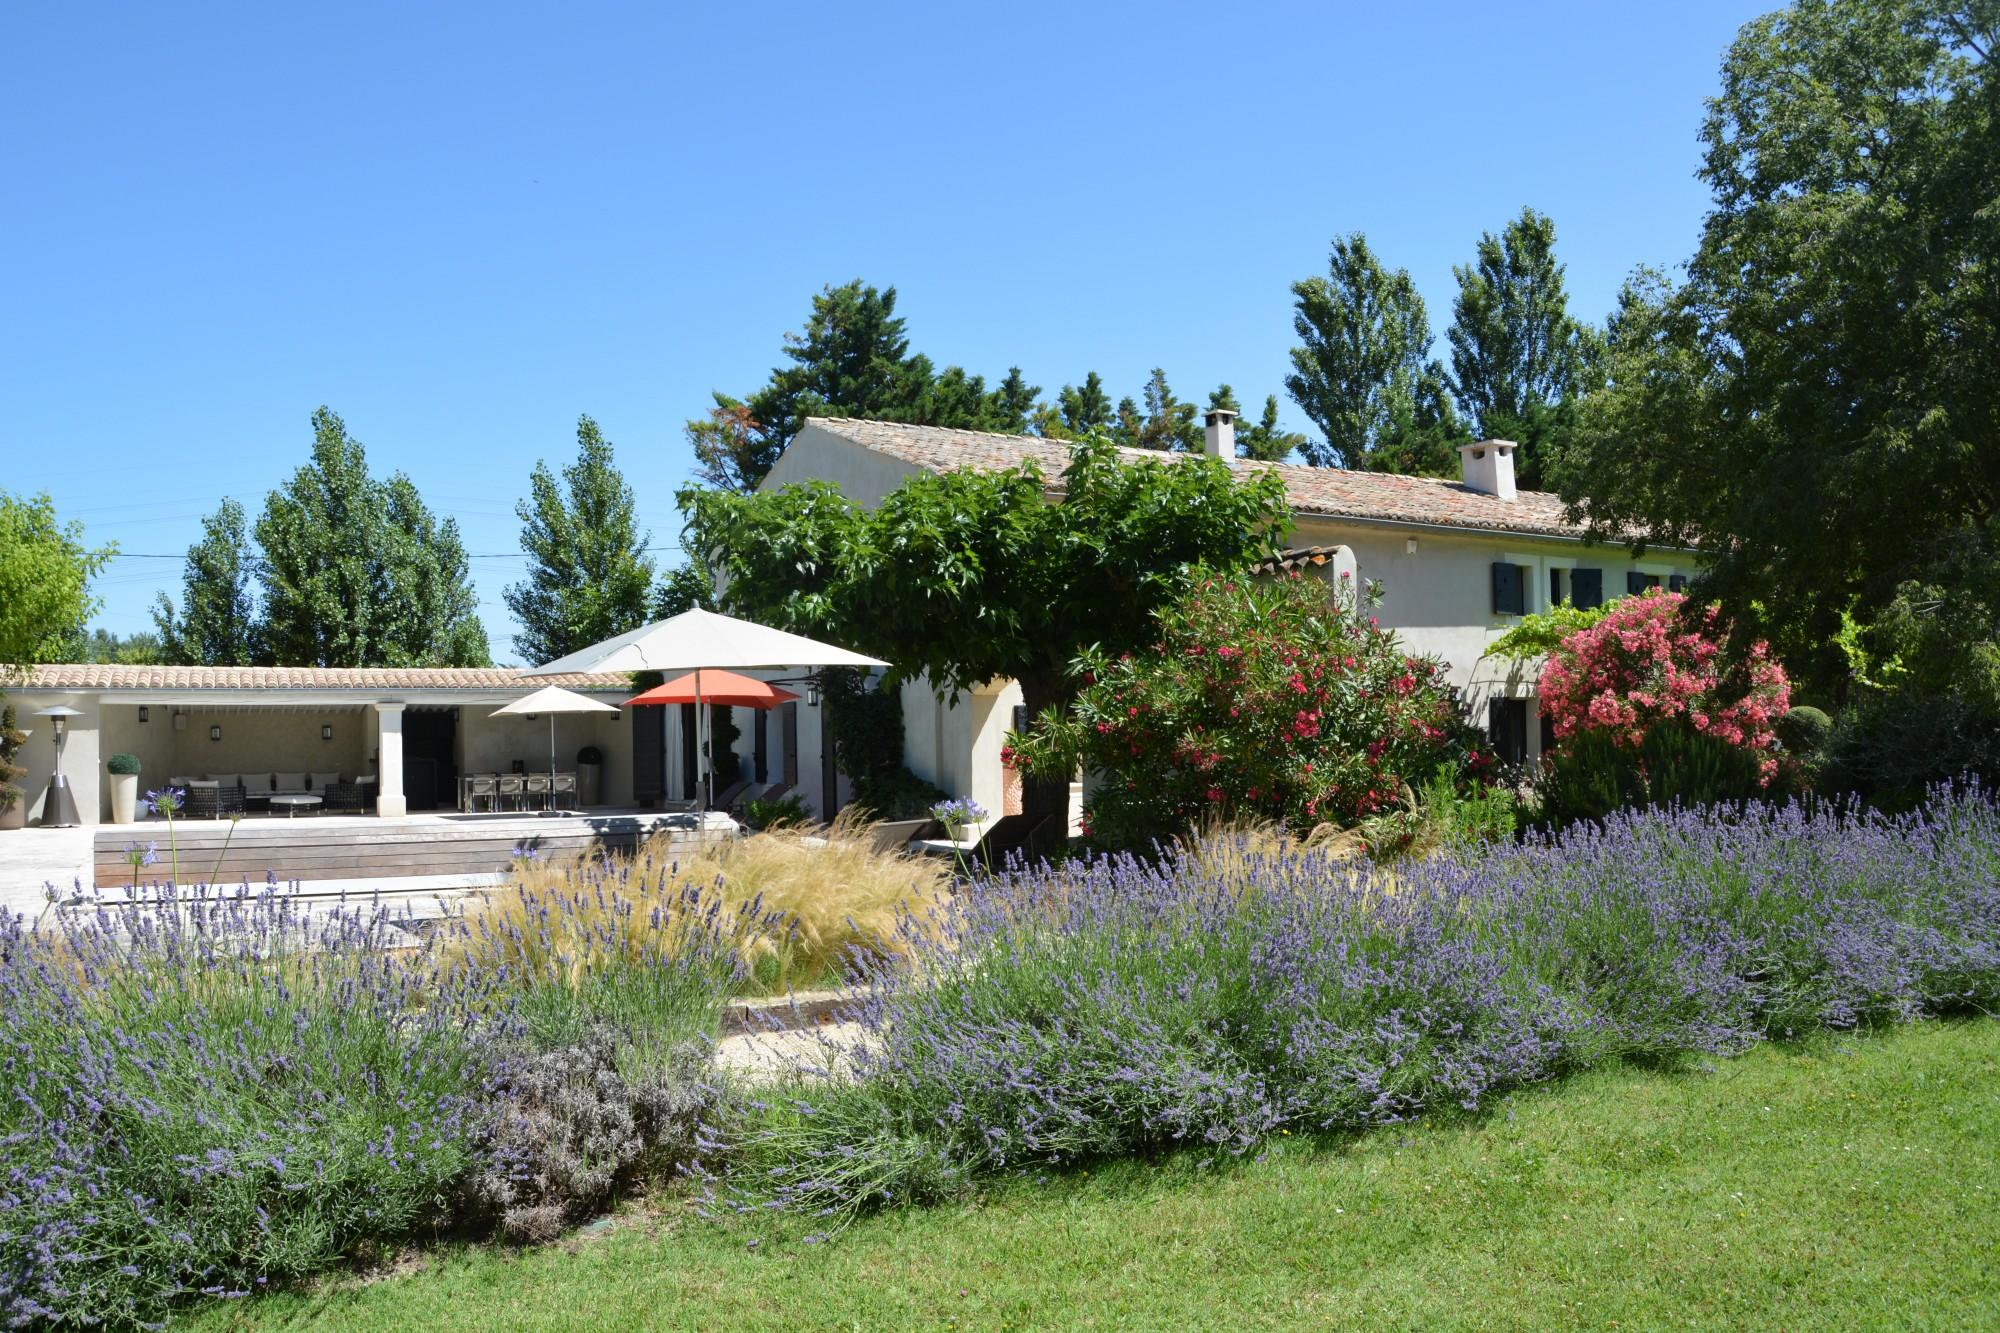 A vendre dans les Alpilles, entre St-Rémy-de-Provence et Avignon, mas rénové avec soin